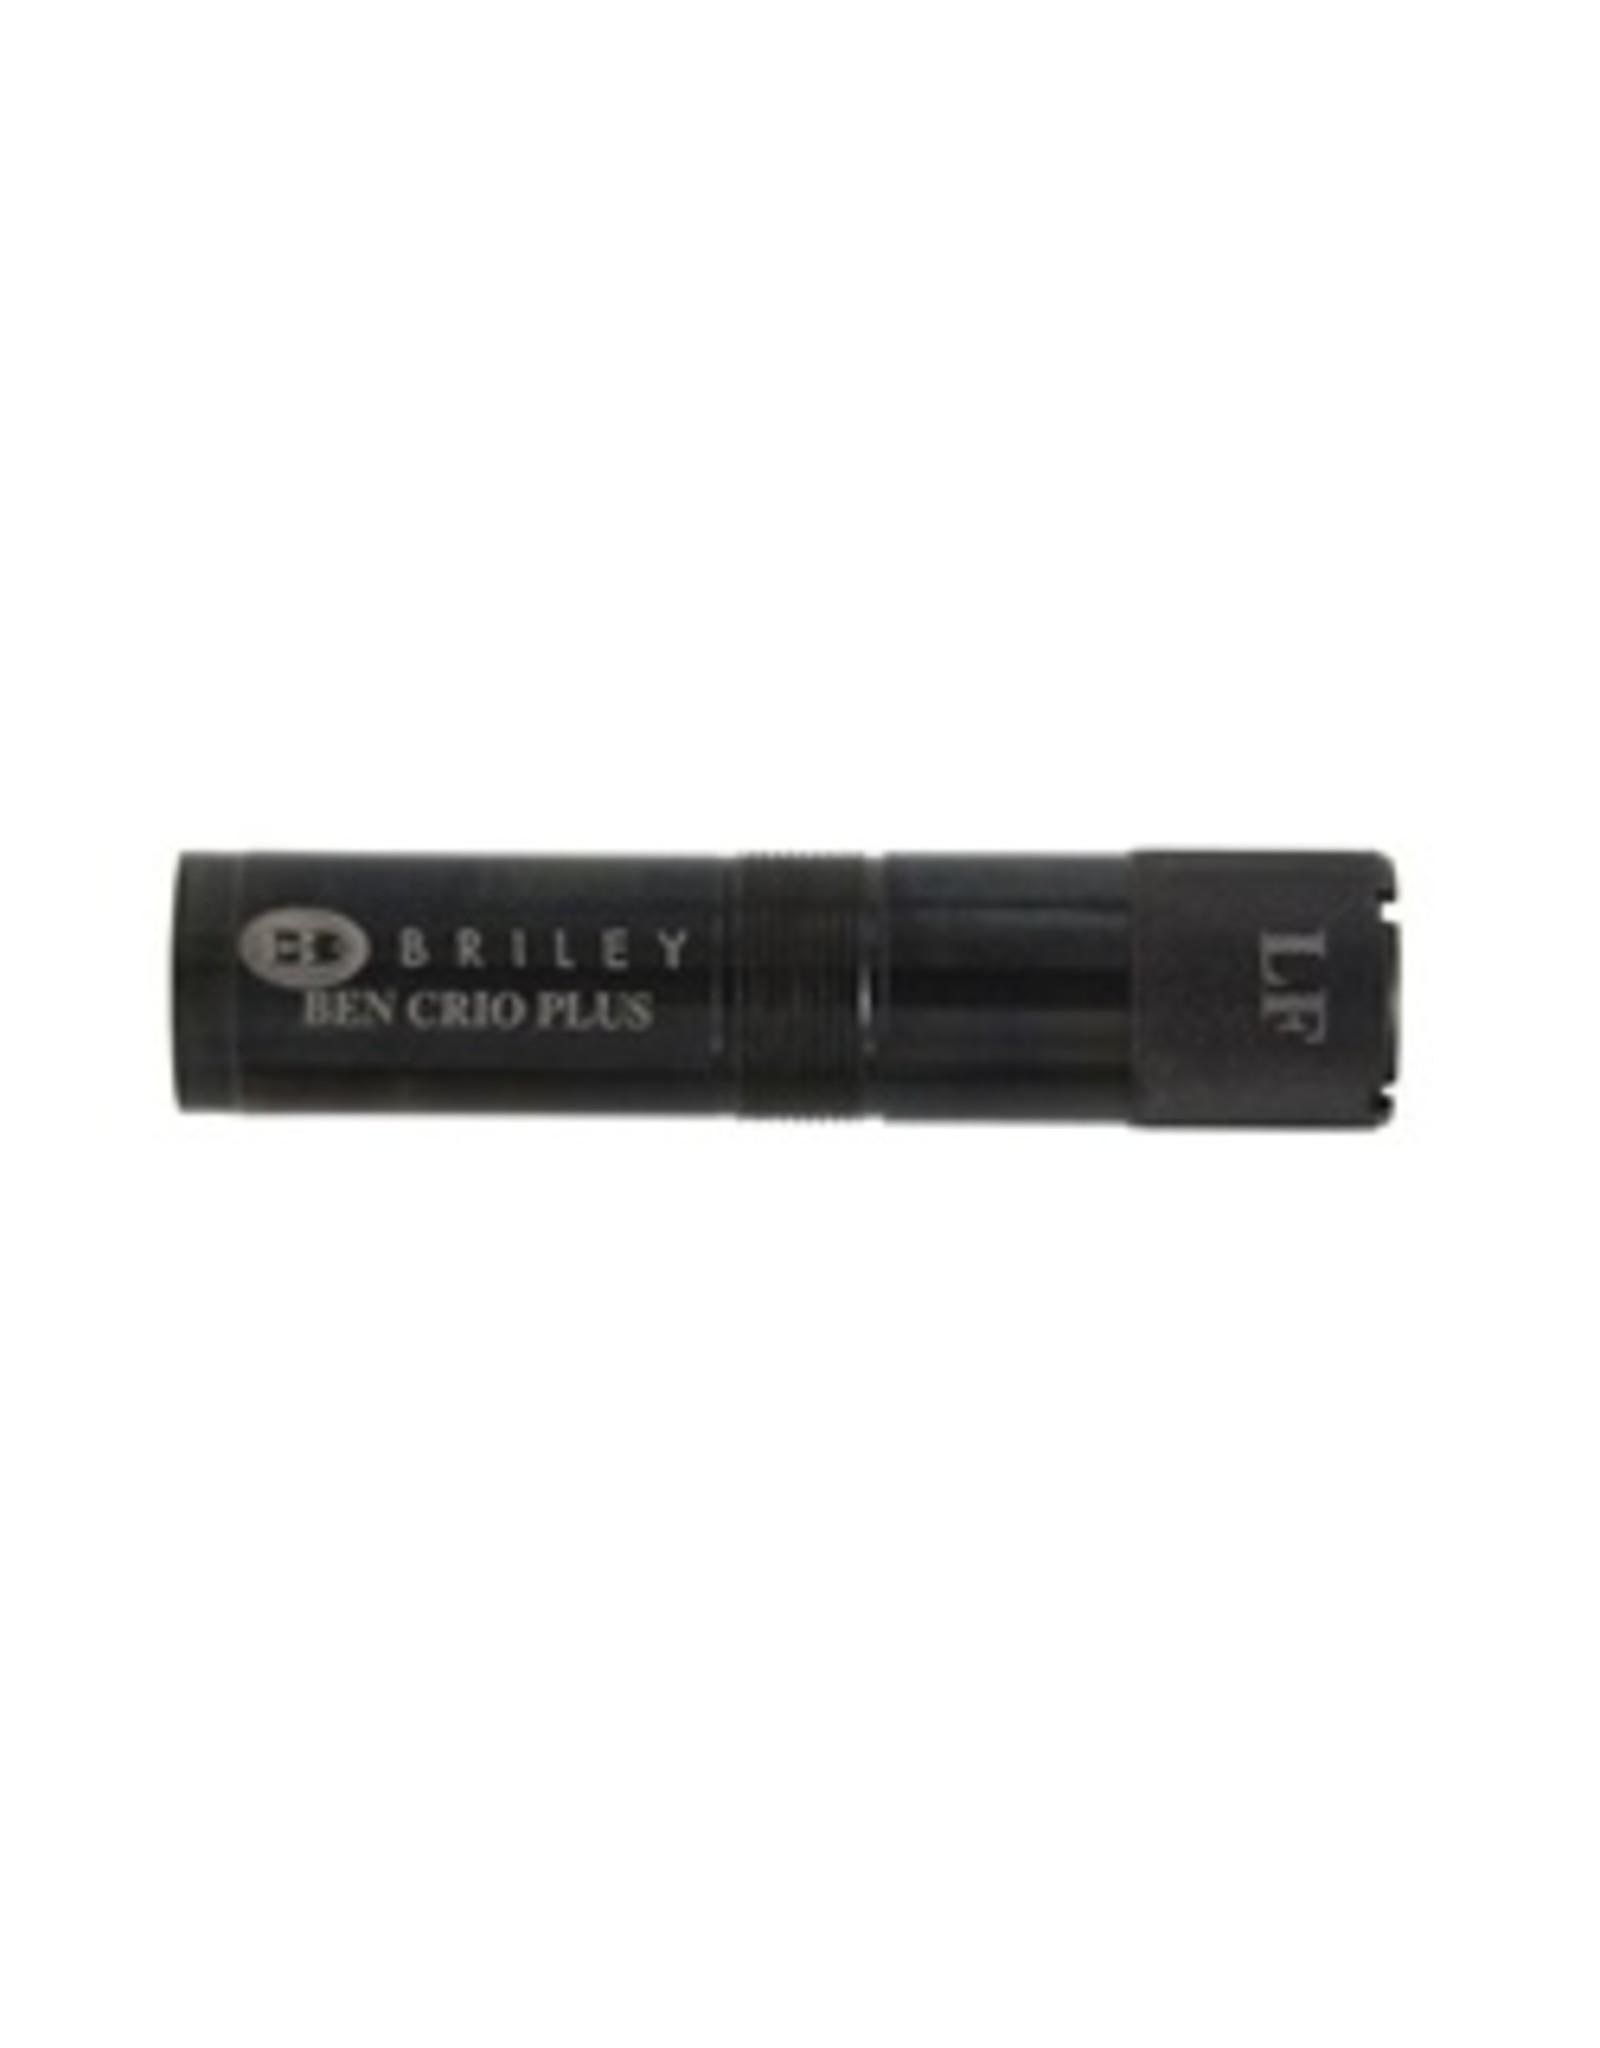 Benelli Crio Plus 12ga Ext SS - Modified